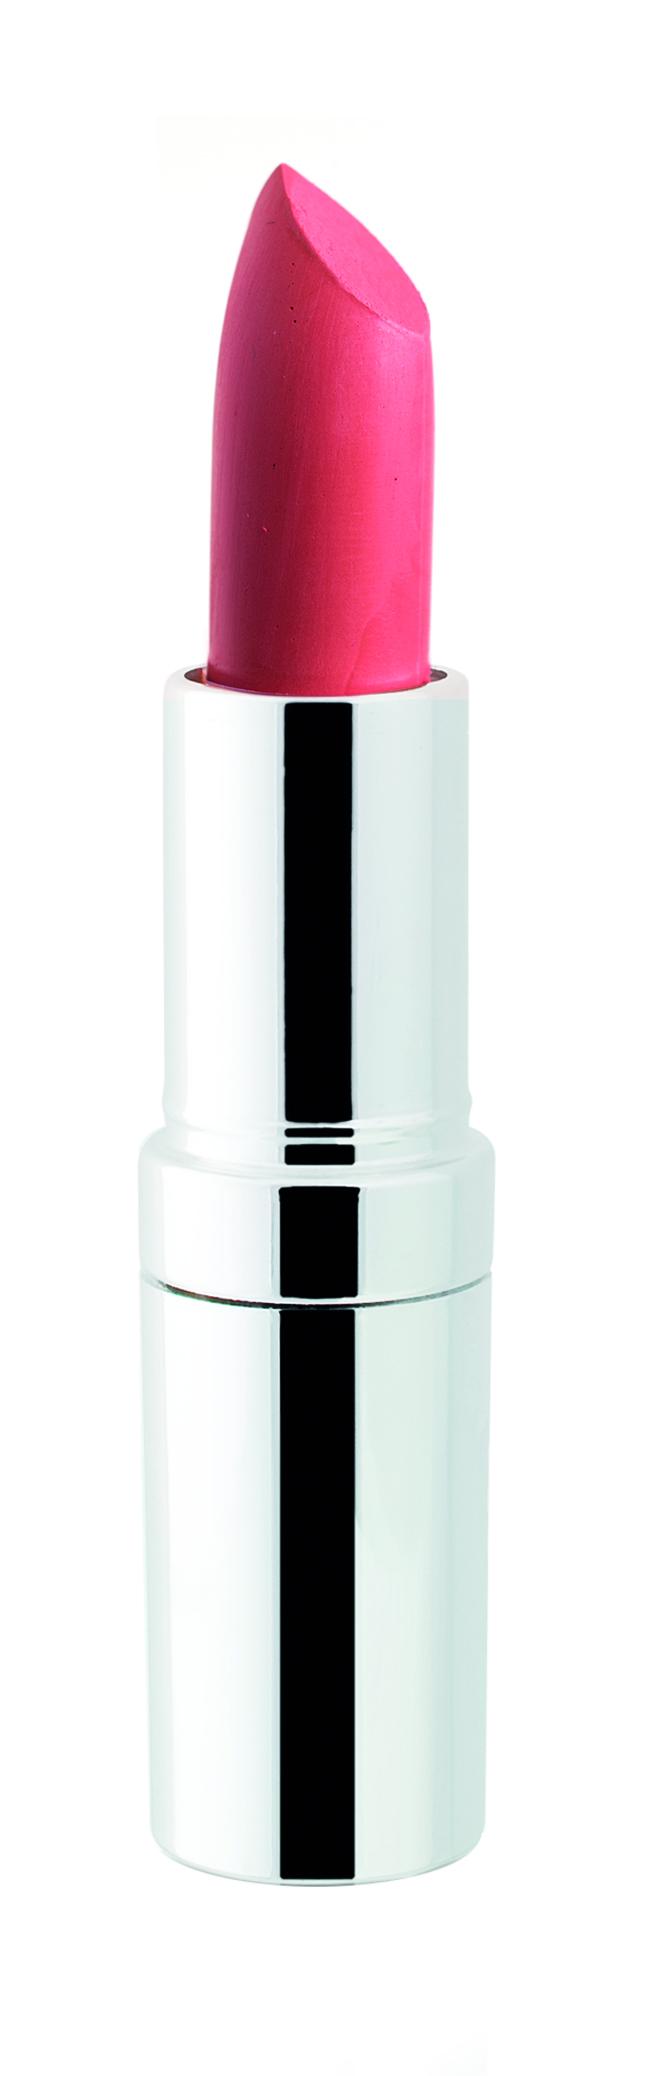 SEVENTEEN Помада губная устойчивая матовая SPF 15, 20 розовый коралл / Matte Lasting Lipstick 5 г